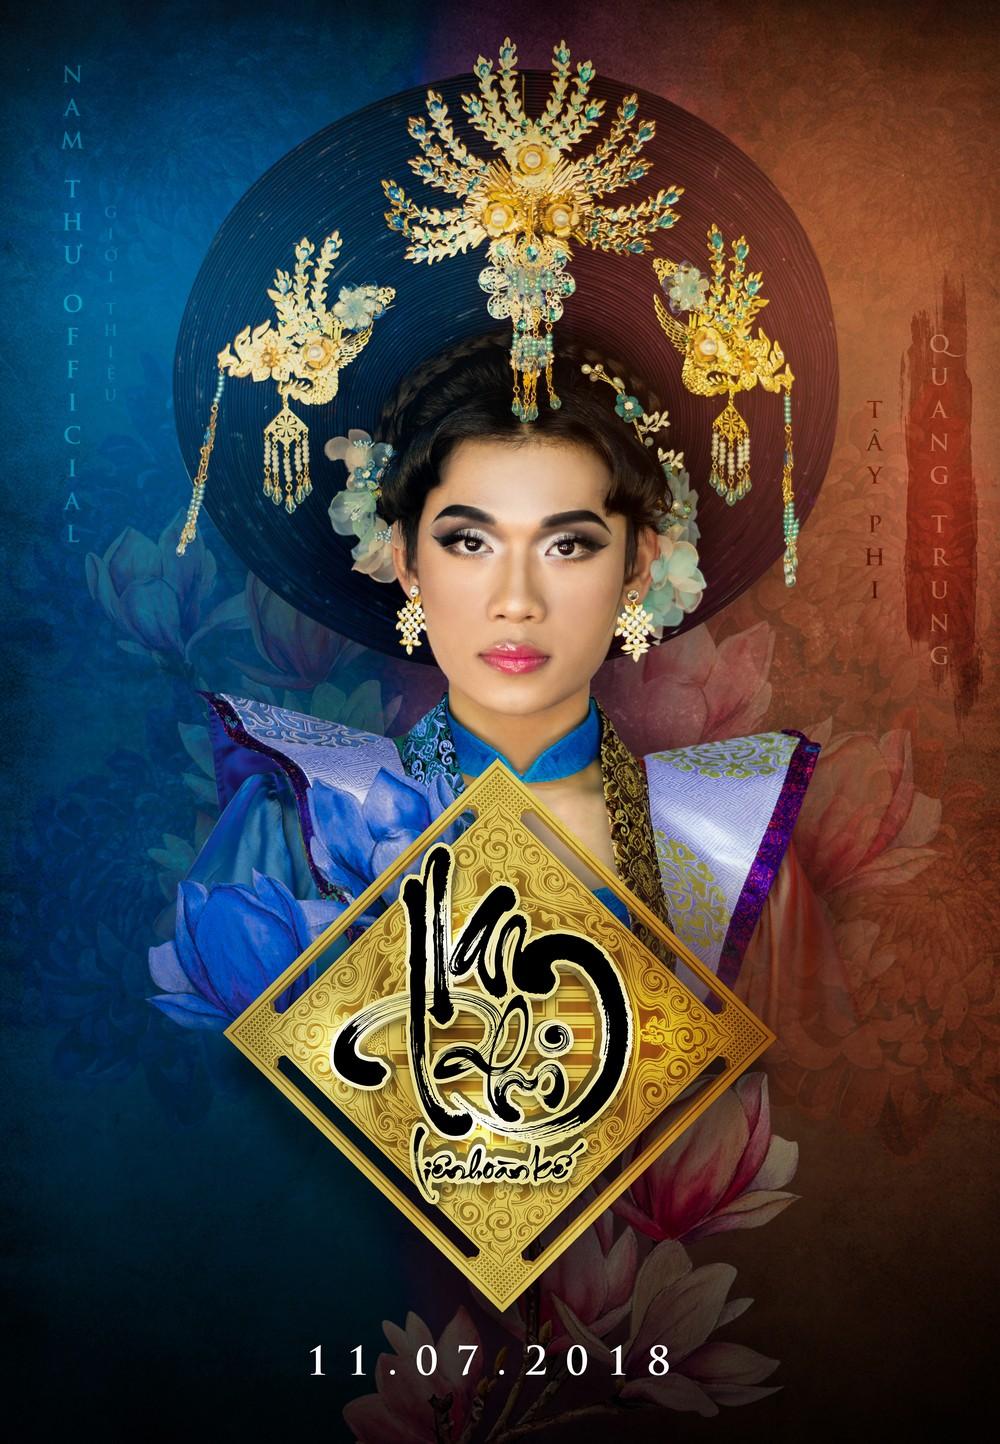 Sau Chị 13 của Thu Trang, lại đến lượt phim hậu cung của Nam Thư gây sốt  - Ảnh 7.